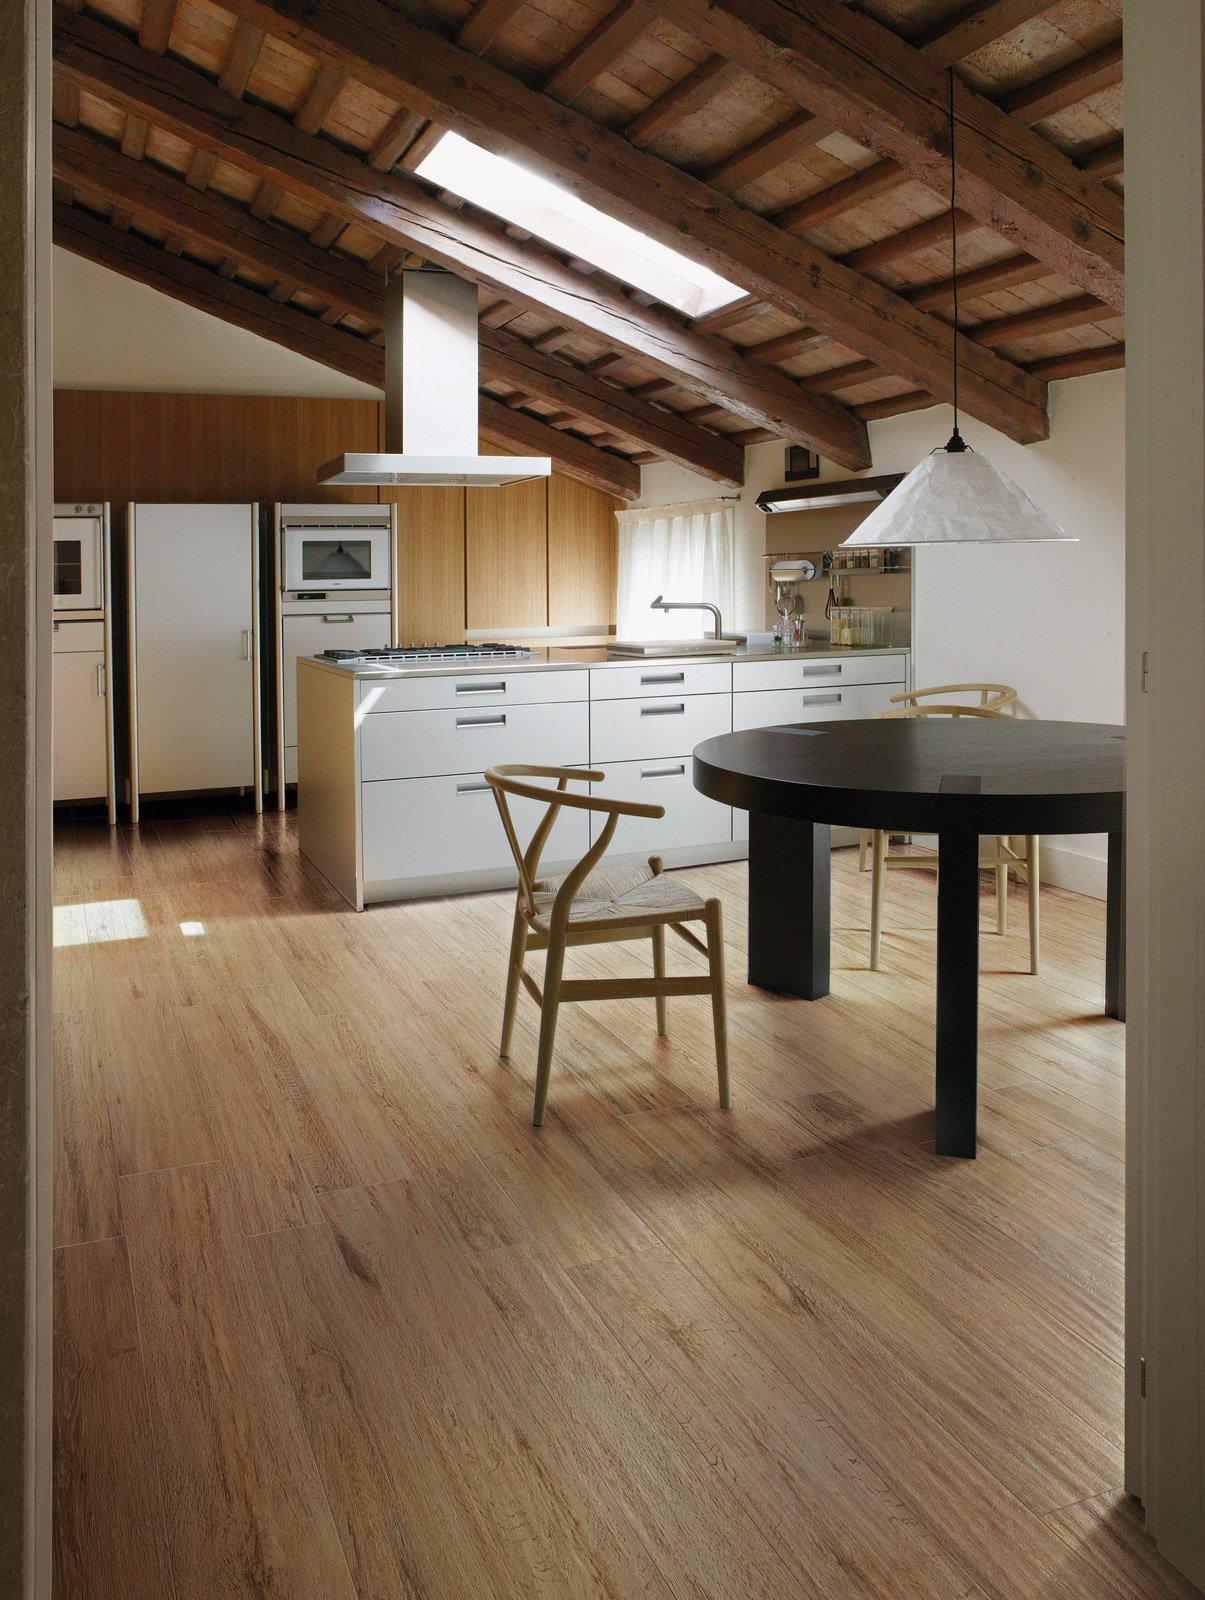 Scegliere il pavimento della cucina effetto legno - Top cucina ceramica prezzi ...